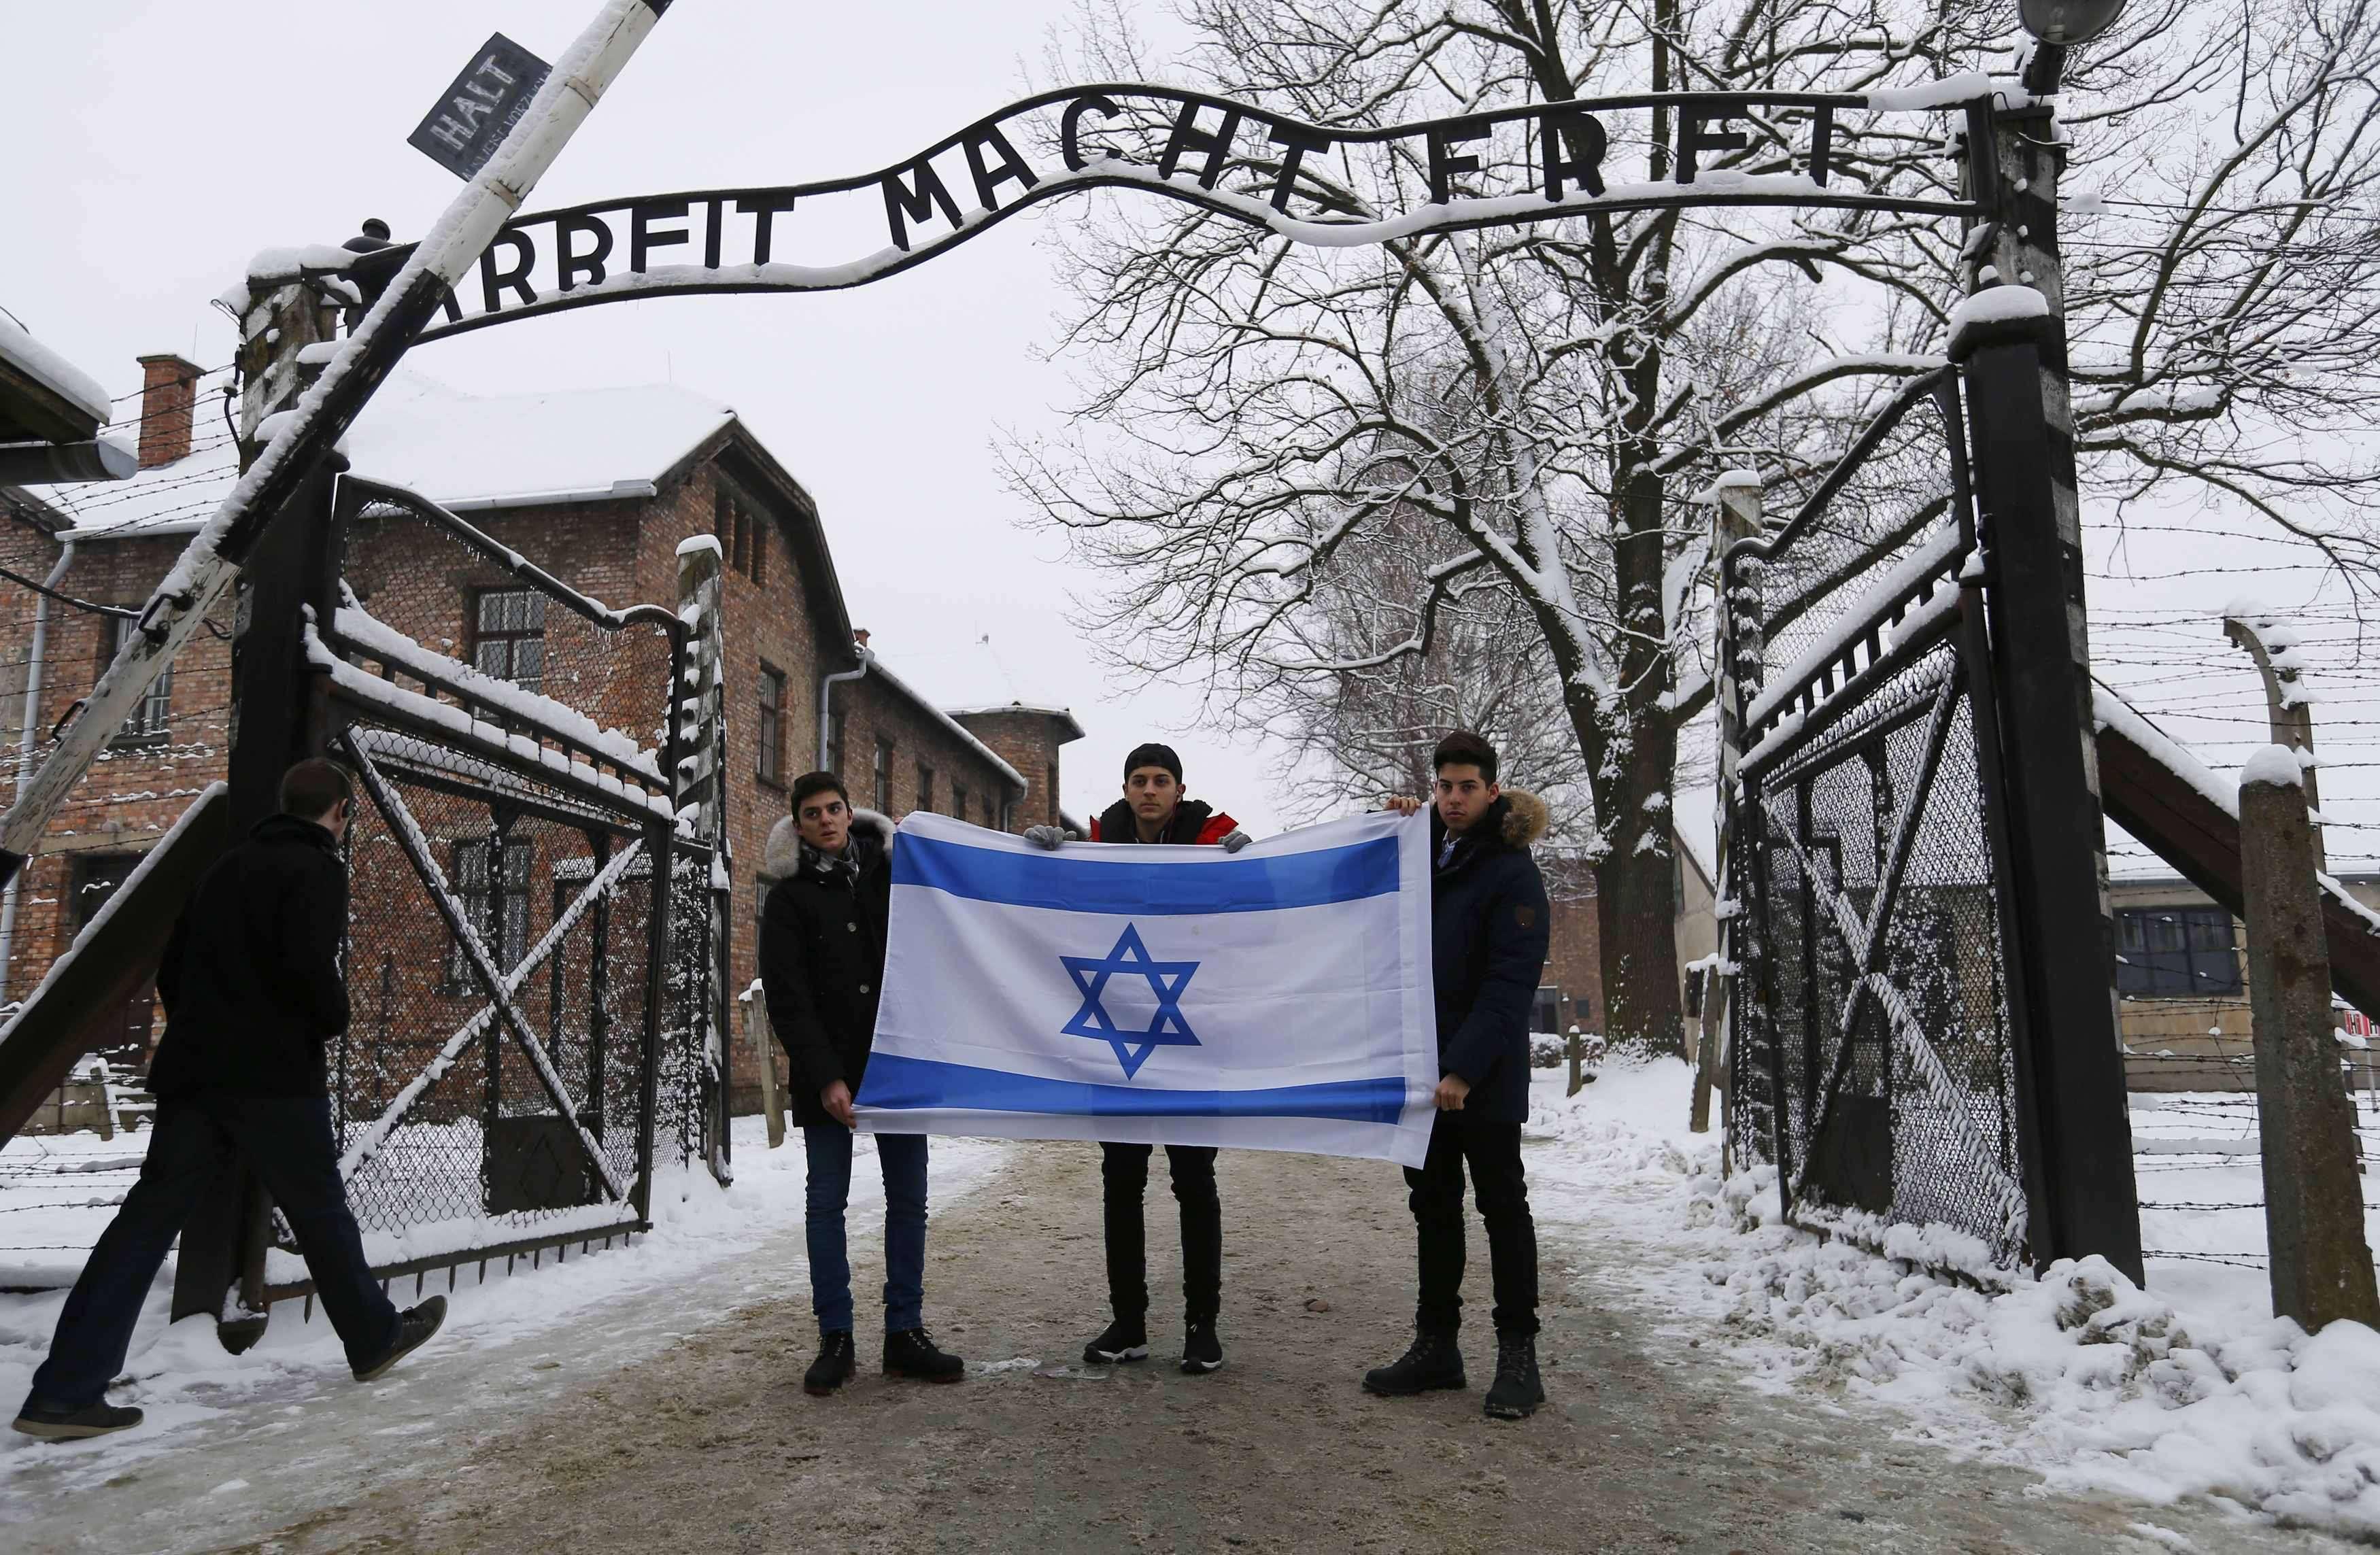 El superviviente de Auschwitz de 90 años Hy Abrams posa con la libreta que carga con él cada día: ella identifica los diferentes campos de concentración en que estuvo retenido en la IIGM. Brooklyn, Nueva York, 15 de enero de 2015. Foto: Reuters en español